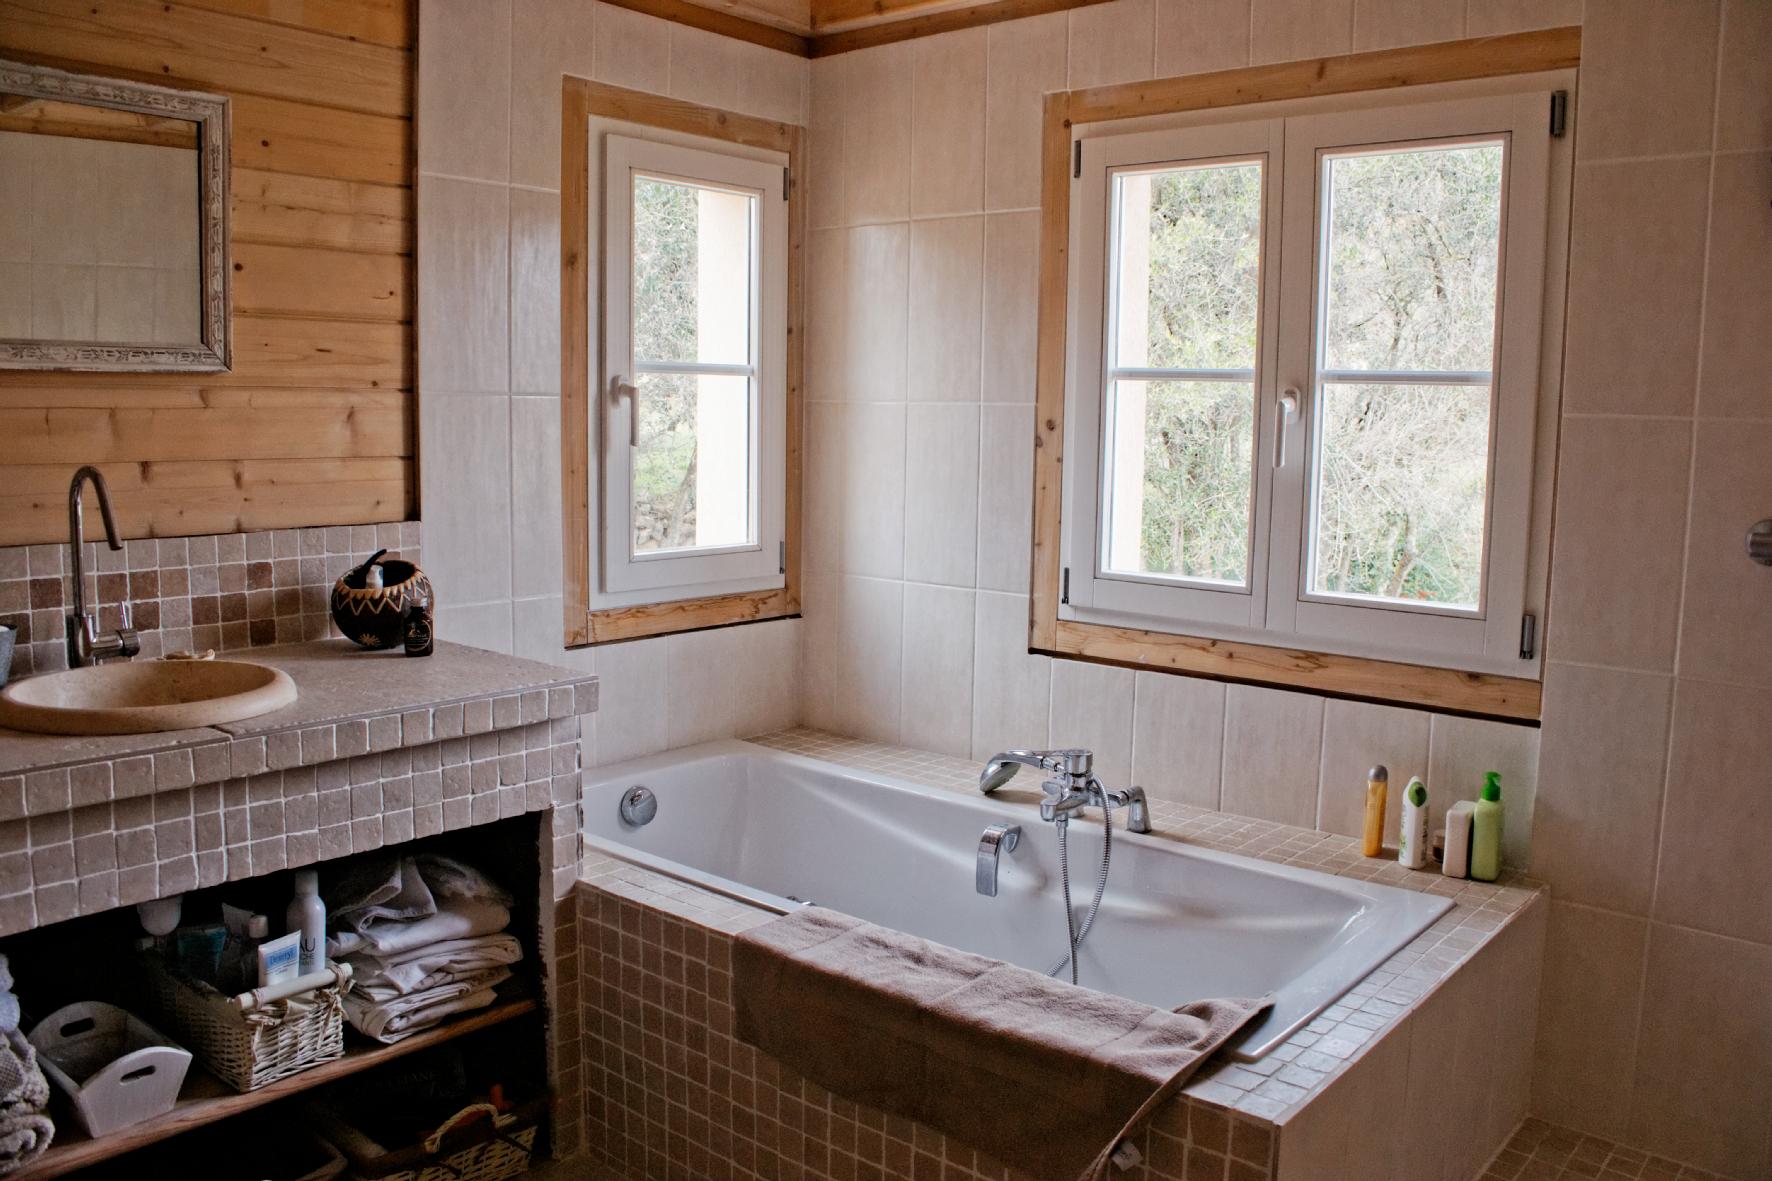 Mouans sartoux maison bois c t sud - Cacher des tuyaux dans une salle de bain ...